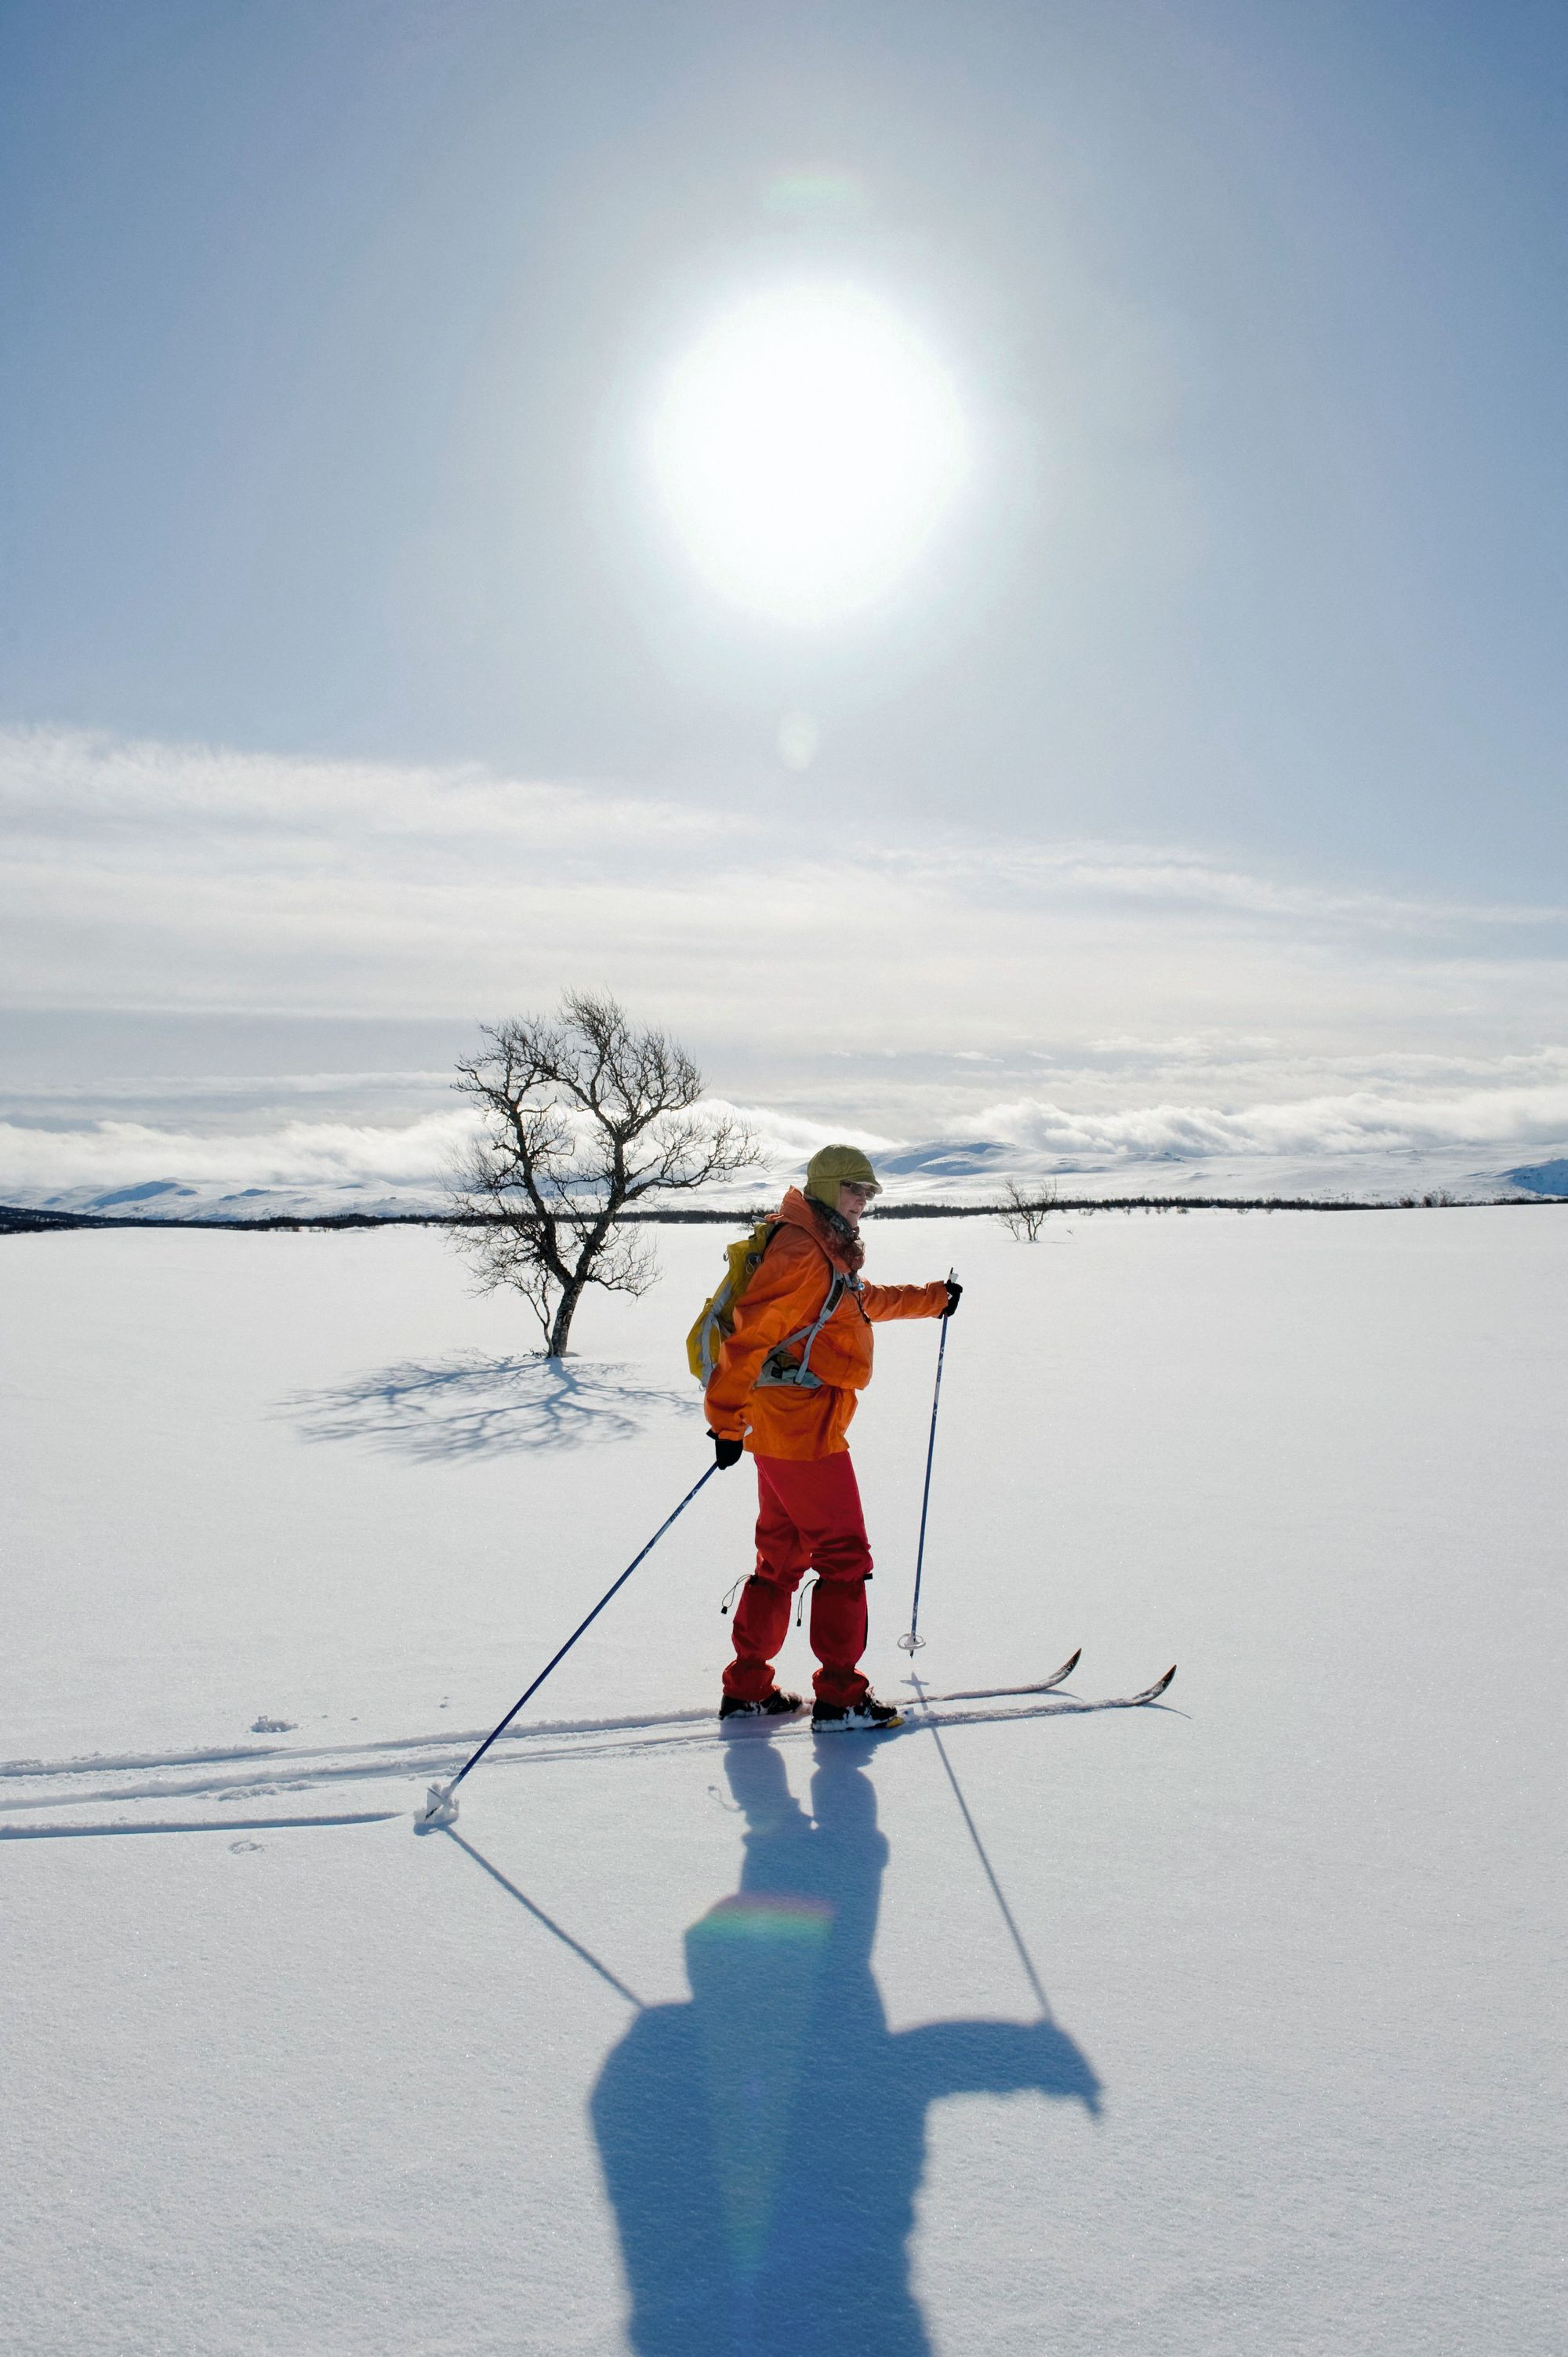 Trajectoire rectiligne d'un skieur